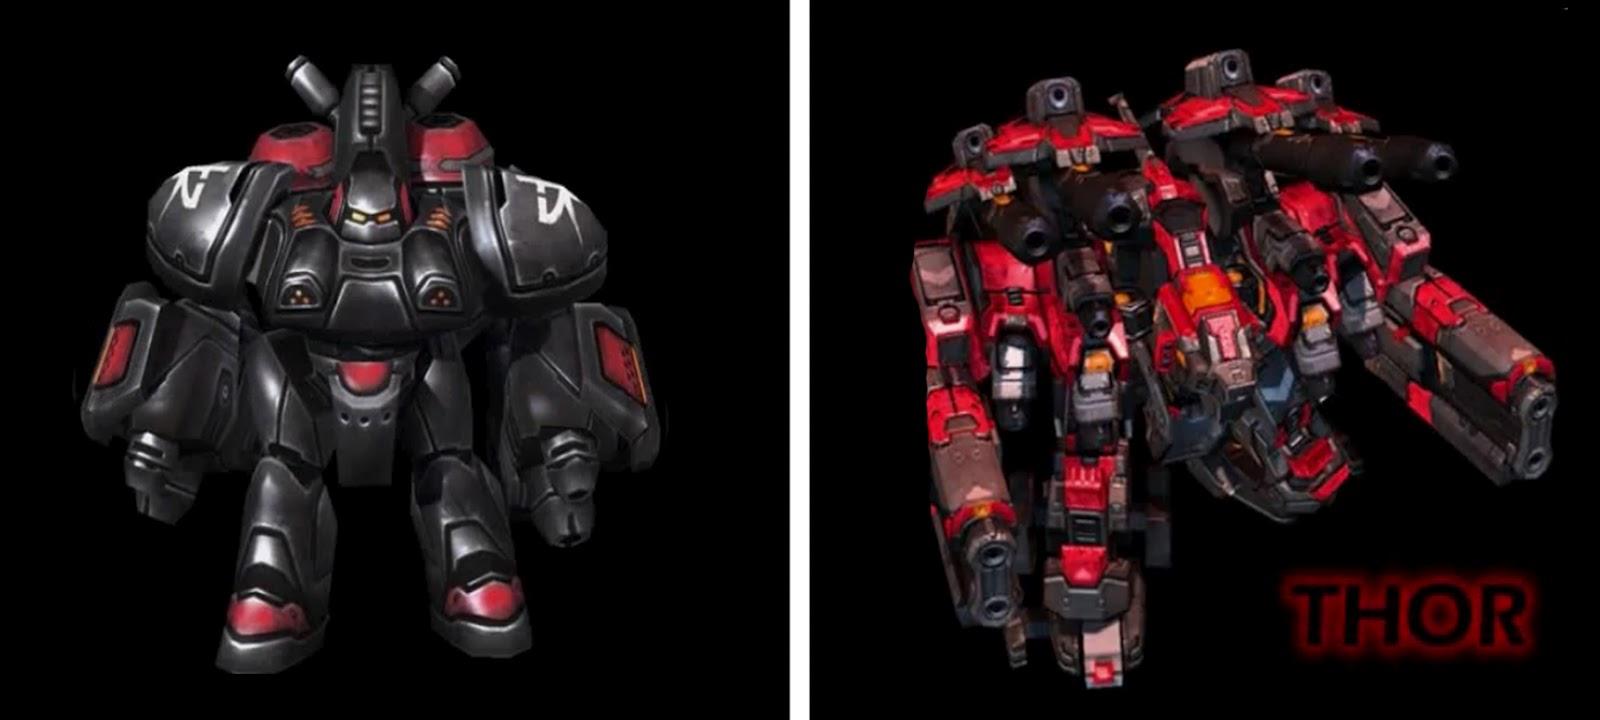 Transformers Fall Of Cybertron Wallpaper Dsng S Sci Fi Megaverse Mech Mecha Giant Robot Concept